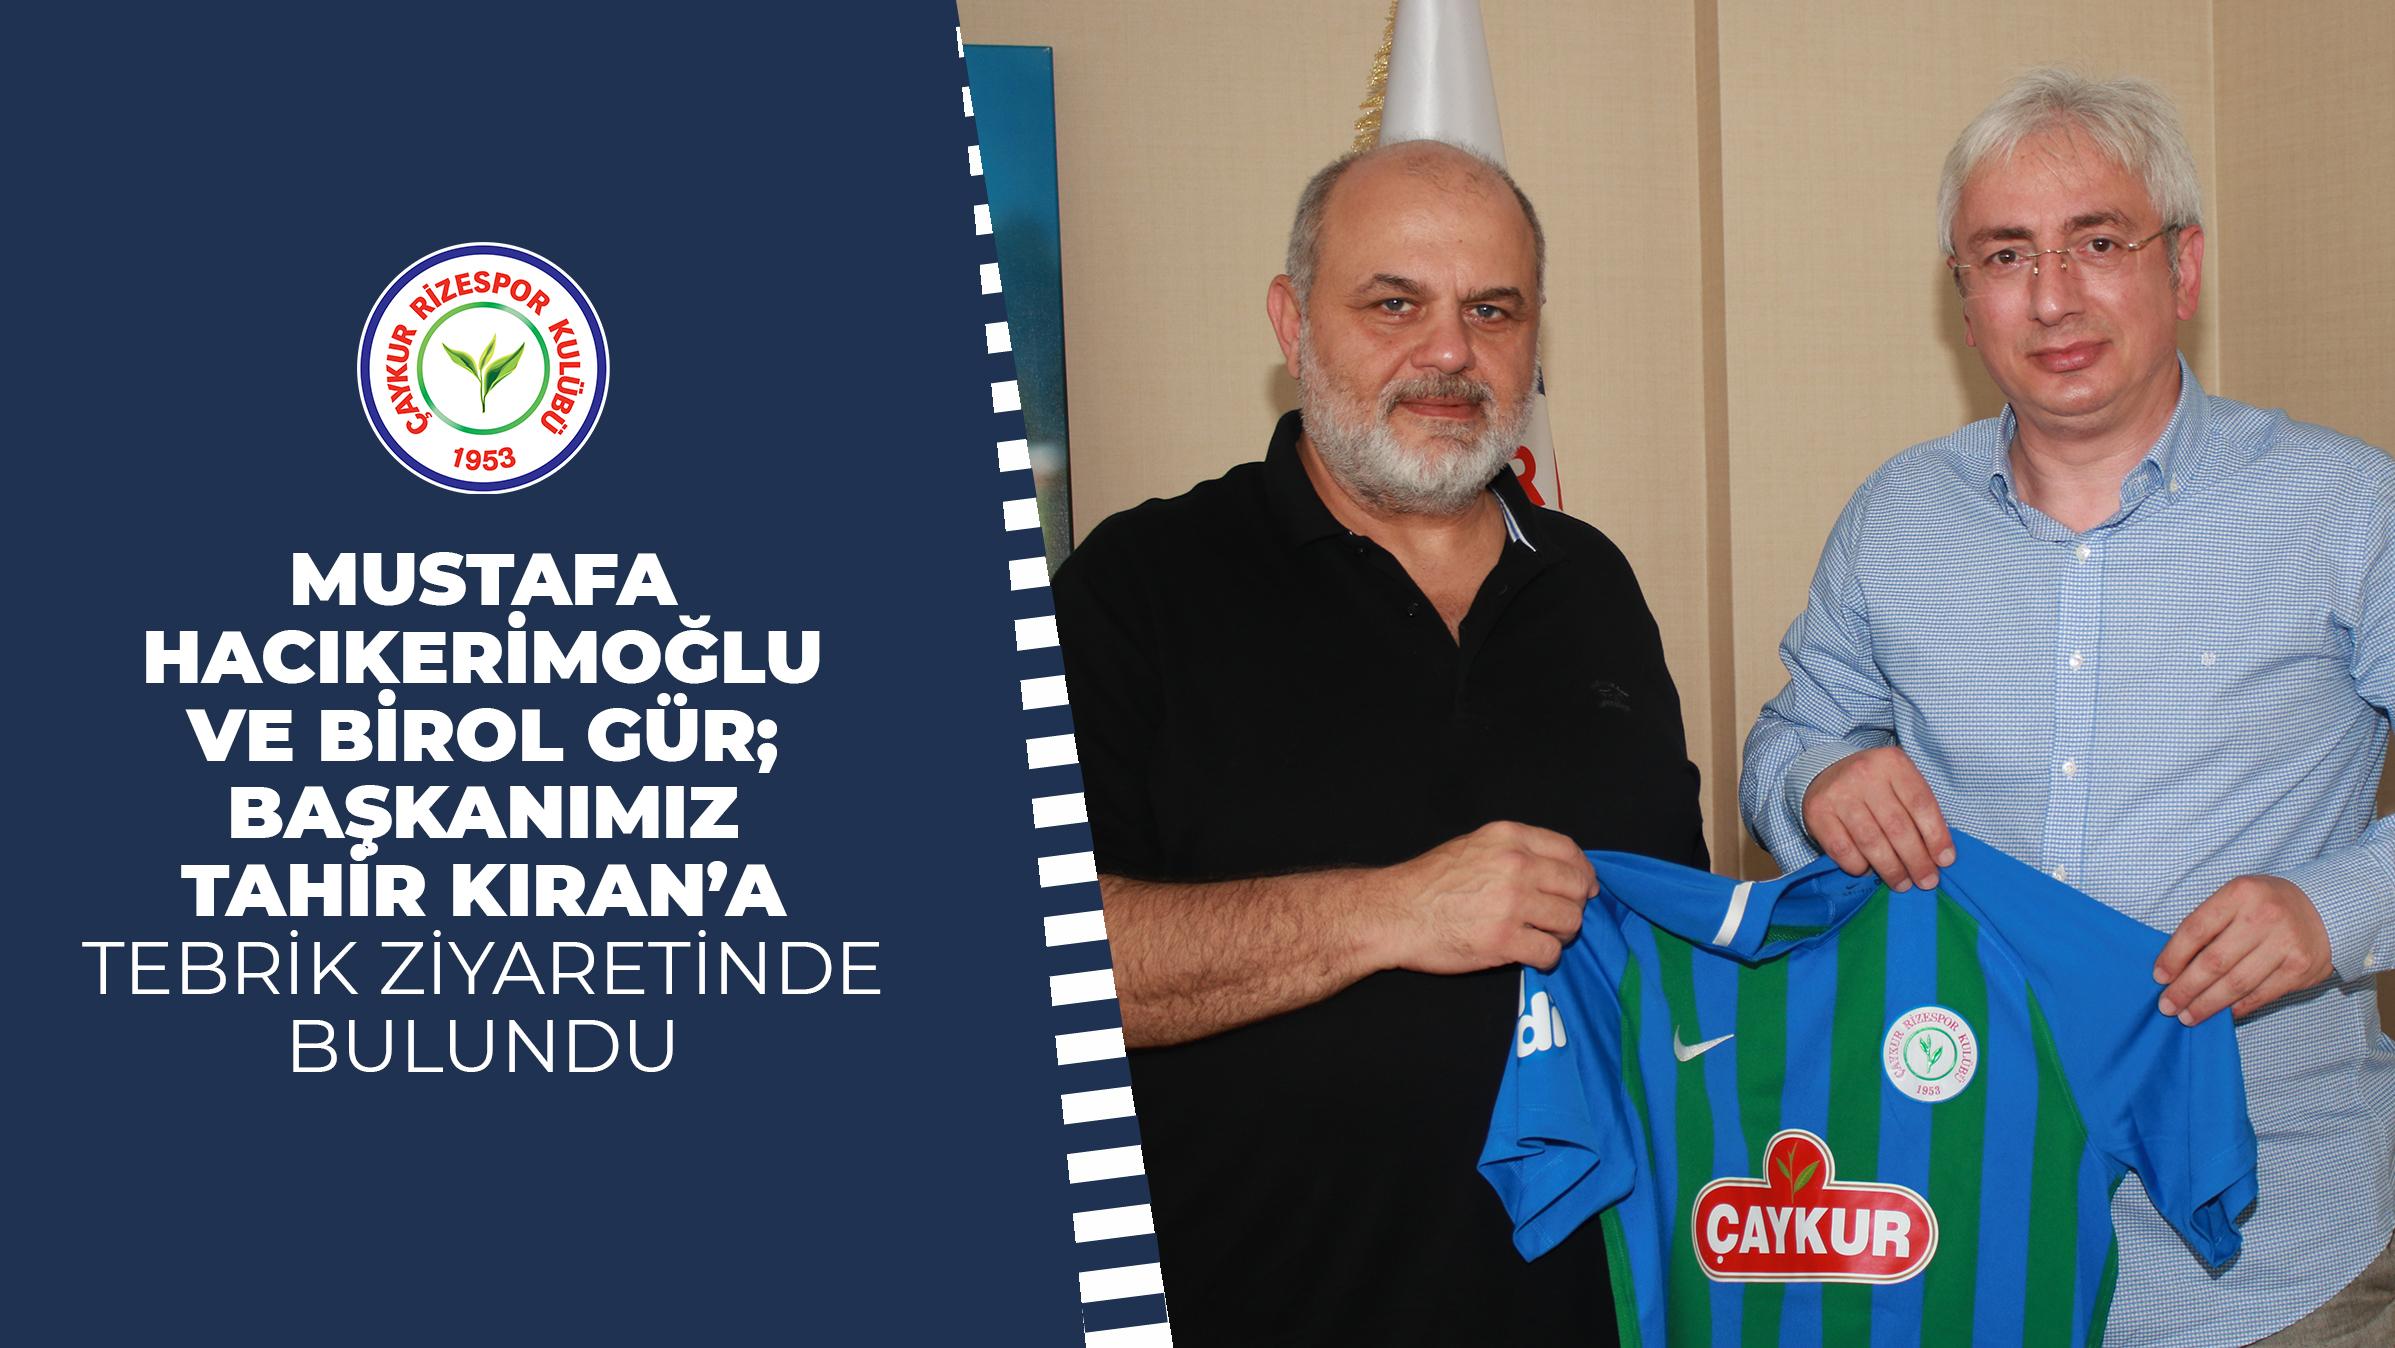 Mustafa Hacıkerimoğlu Ve Birol Gür; Başkanımız Tahir Kıran'a Tebrik Ziyaretinde Bulundu